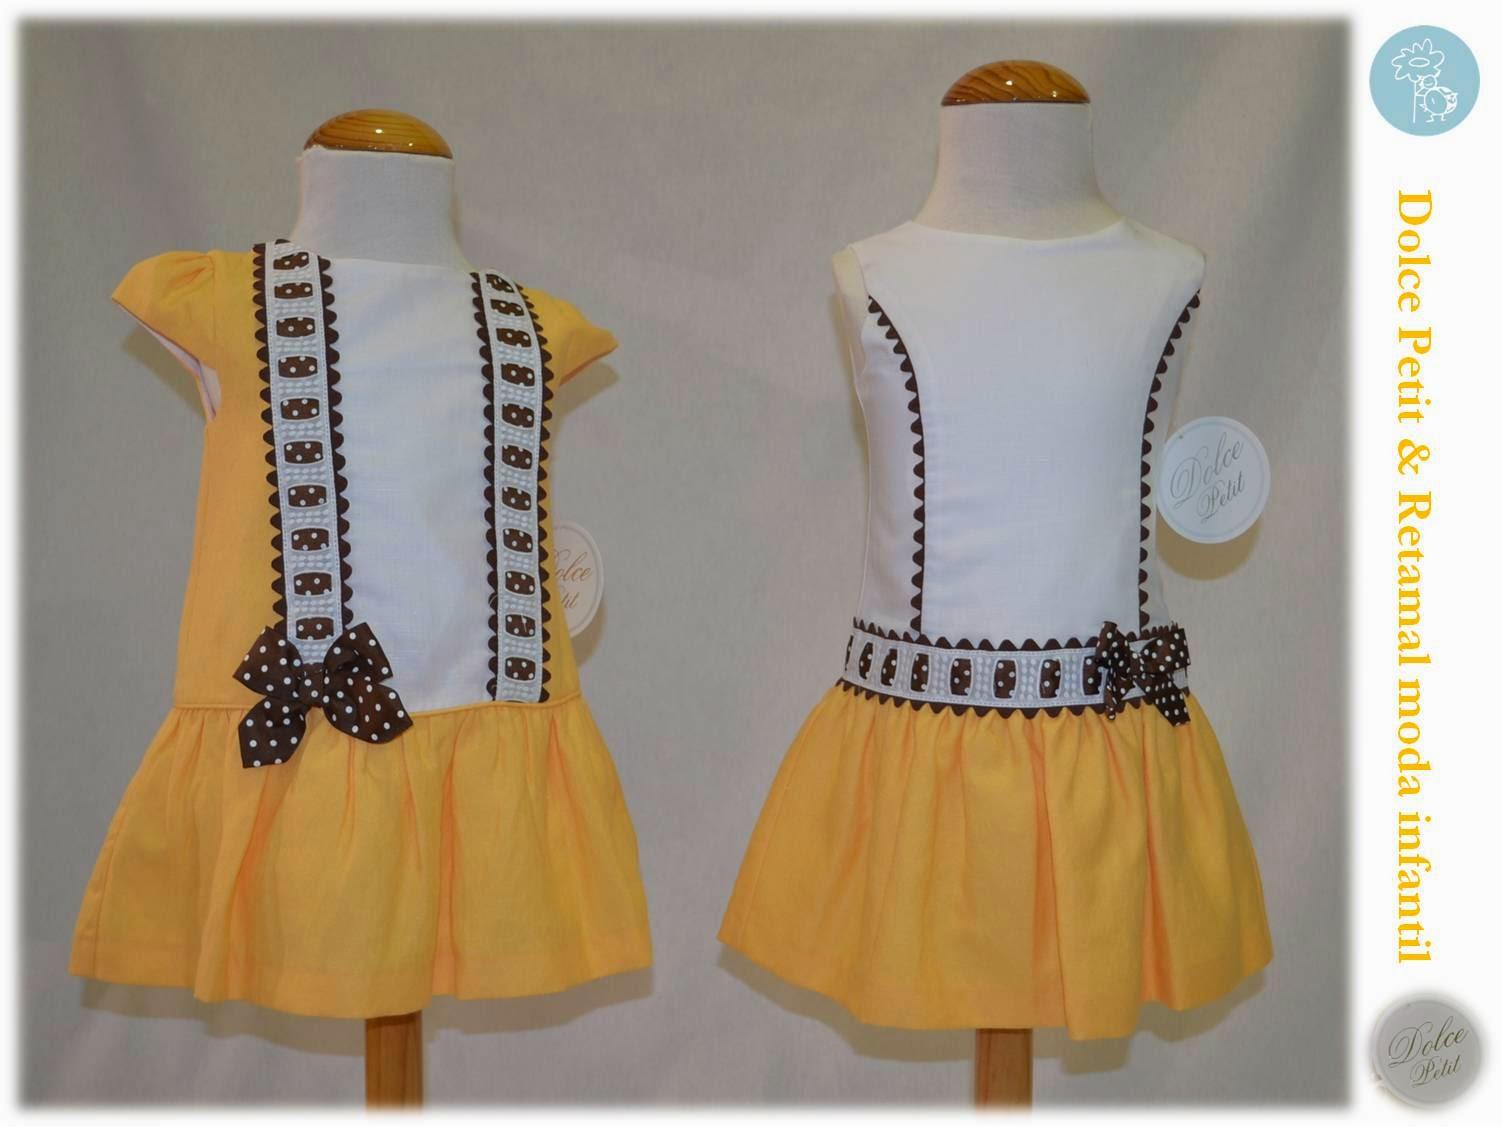 Dolce Petit en Blog y Tienda Retamal moda infantil y bebe